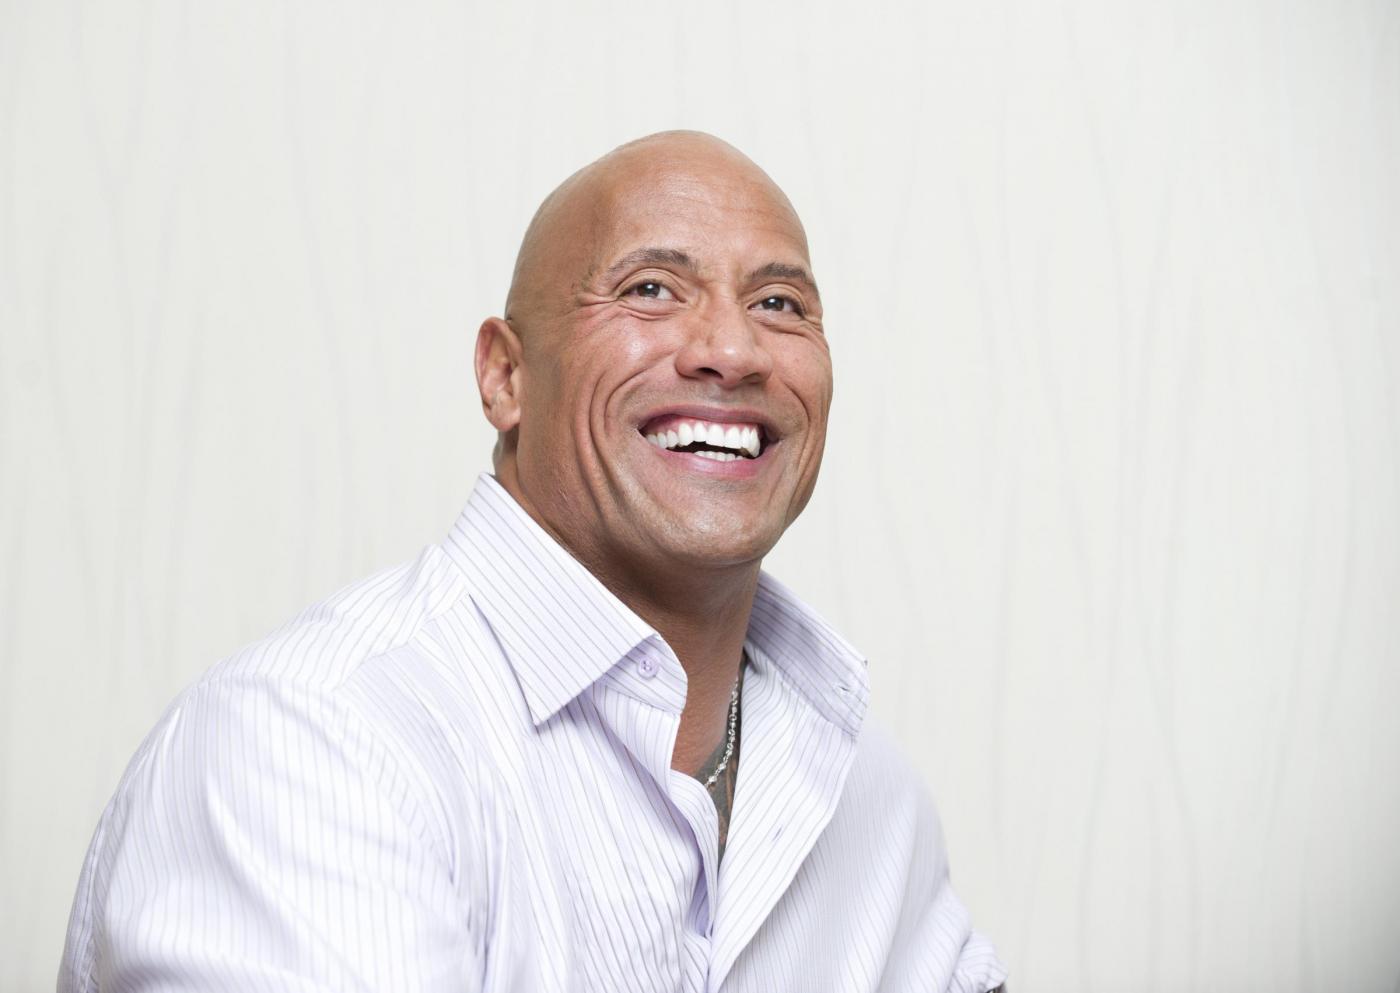 Gli attori più pagati del mondo: Dwayne Johnson in vetta